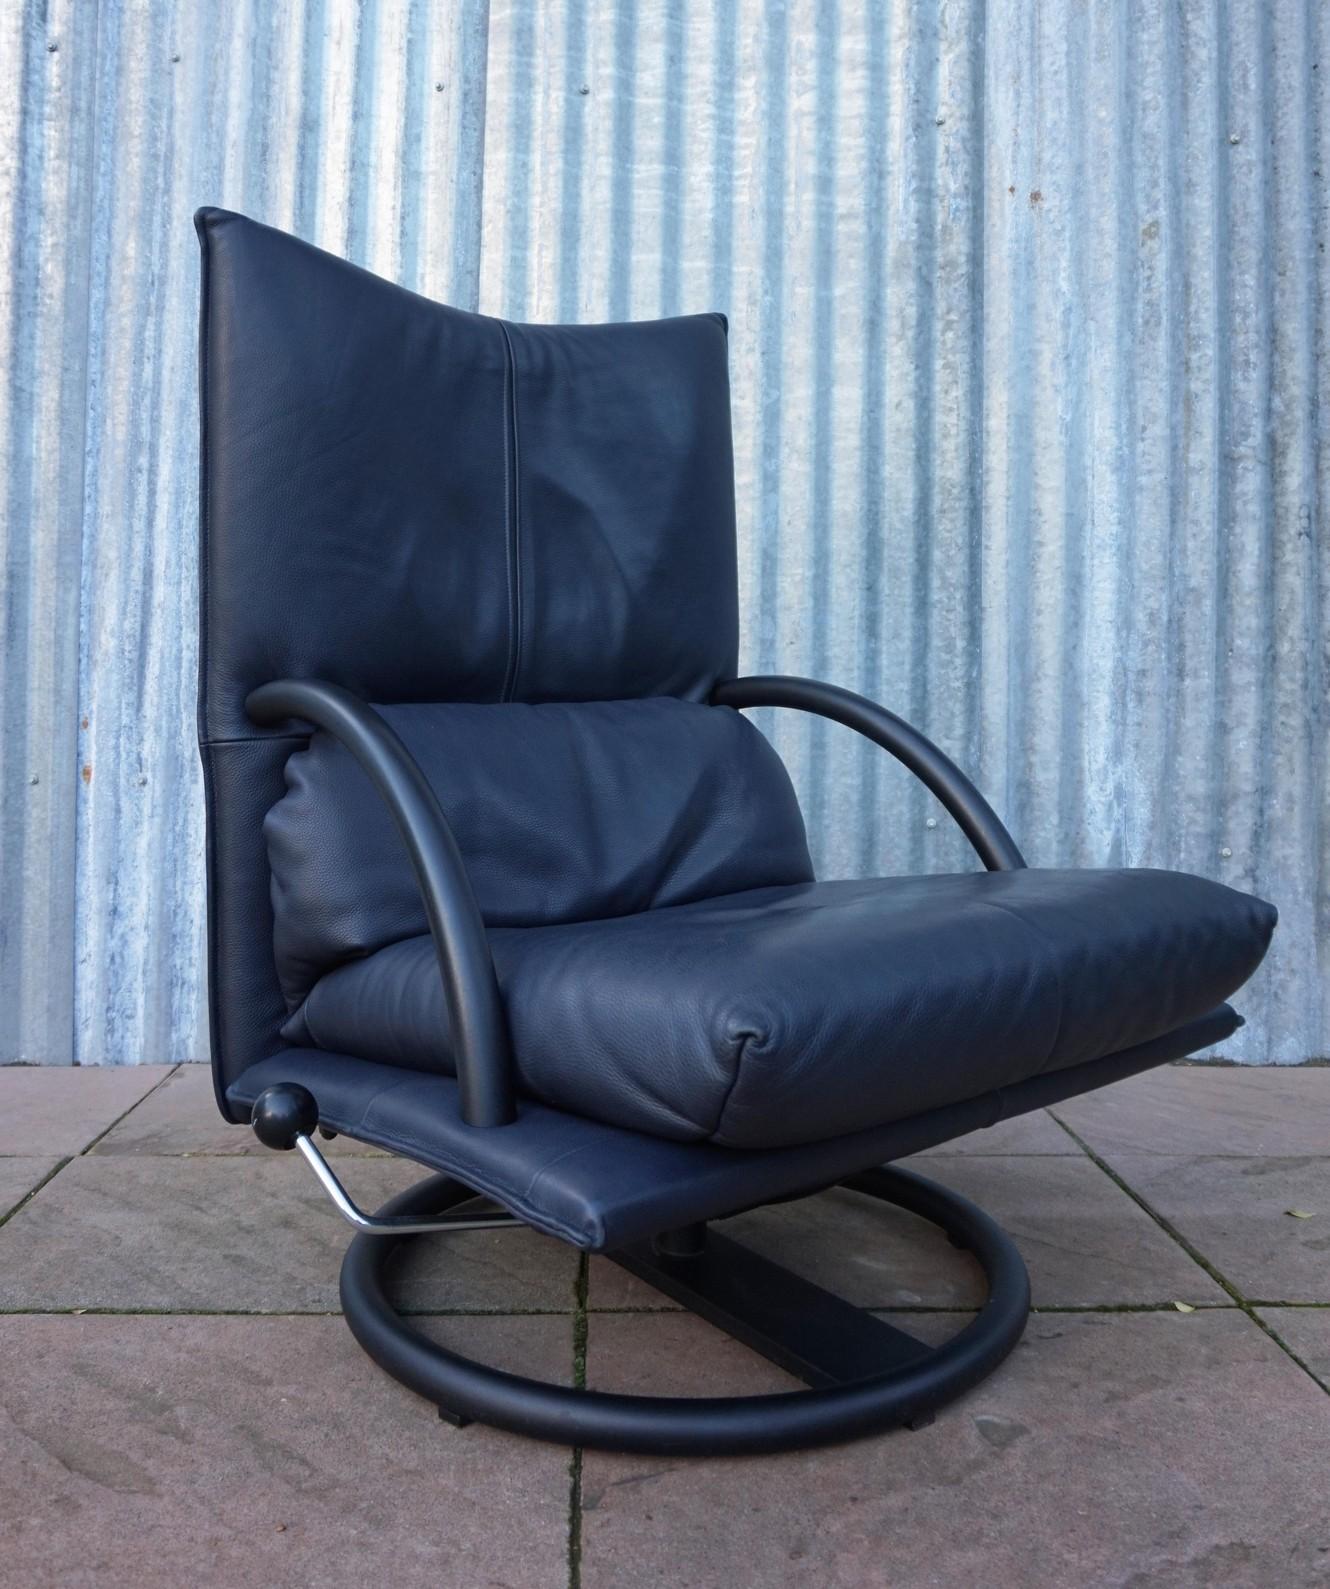 Nieuw vintage leren bmp fauteuil rolf benz for Rolf benz bmp